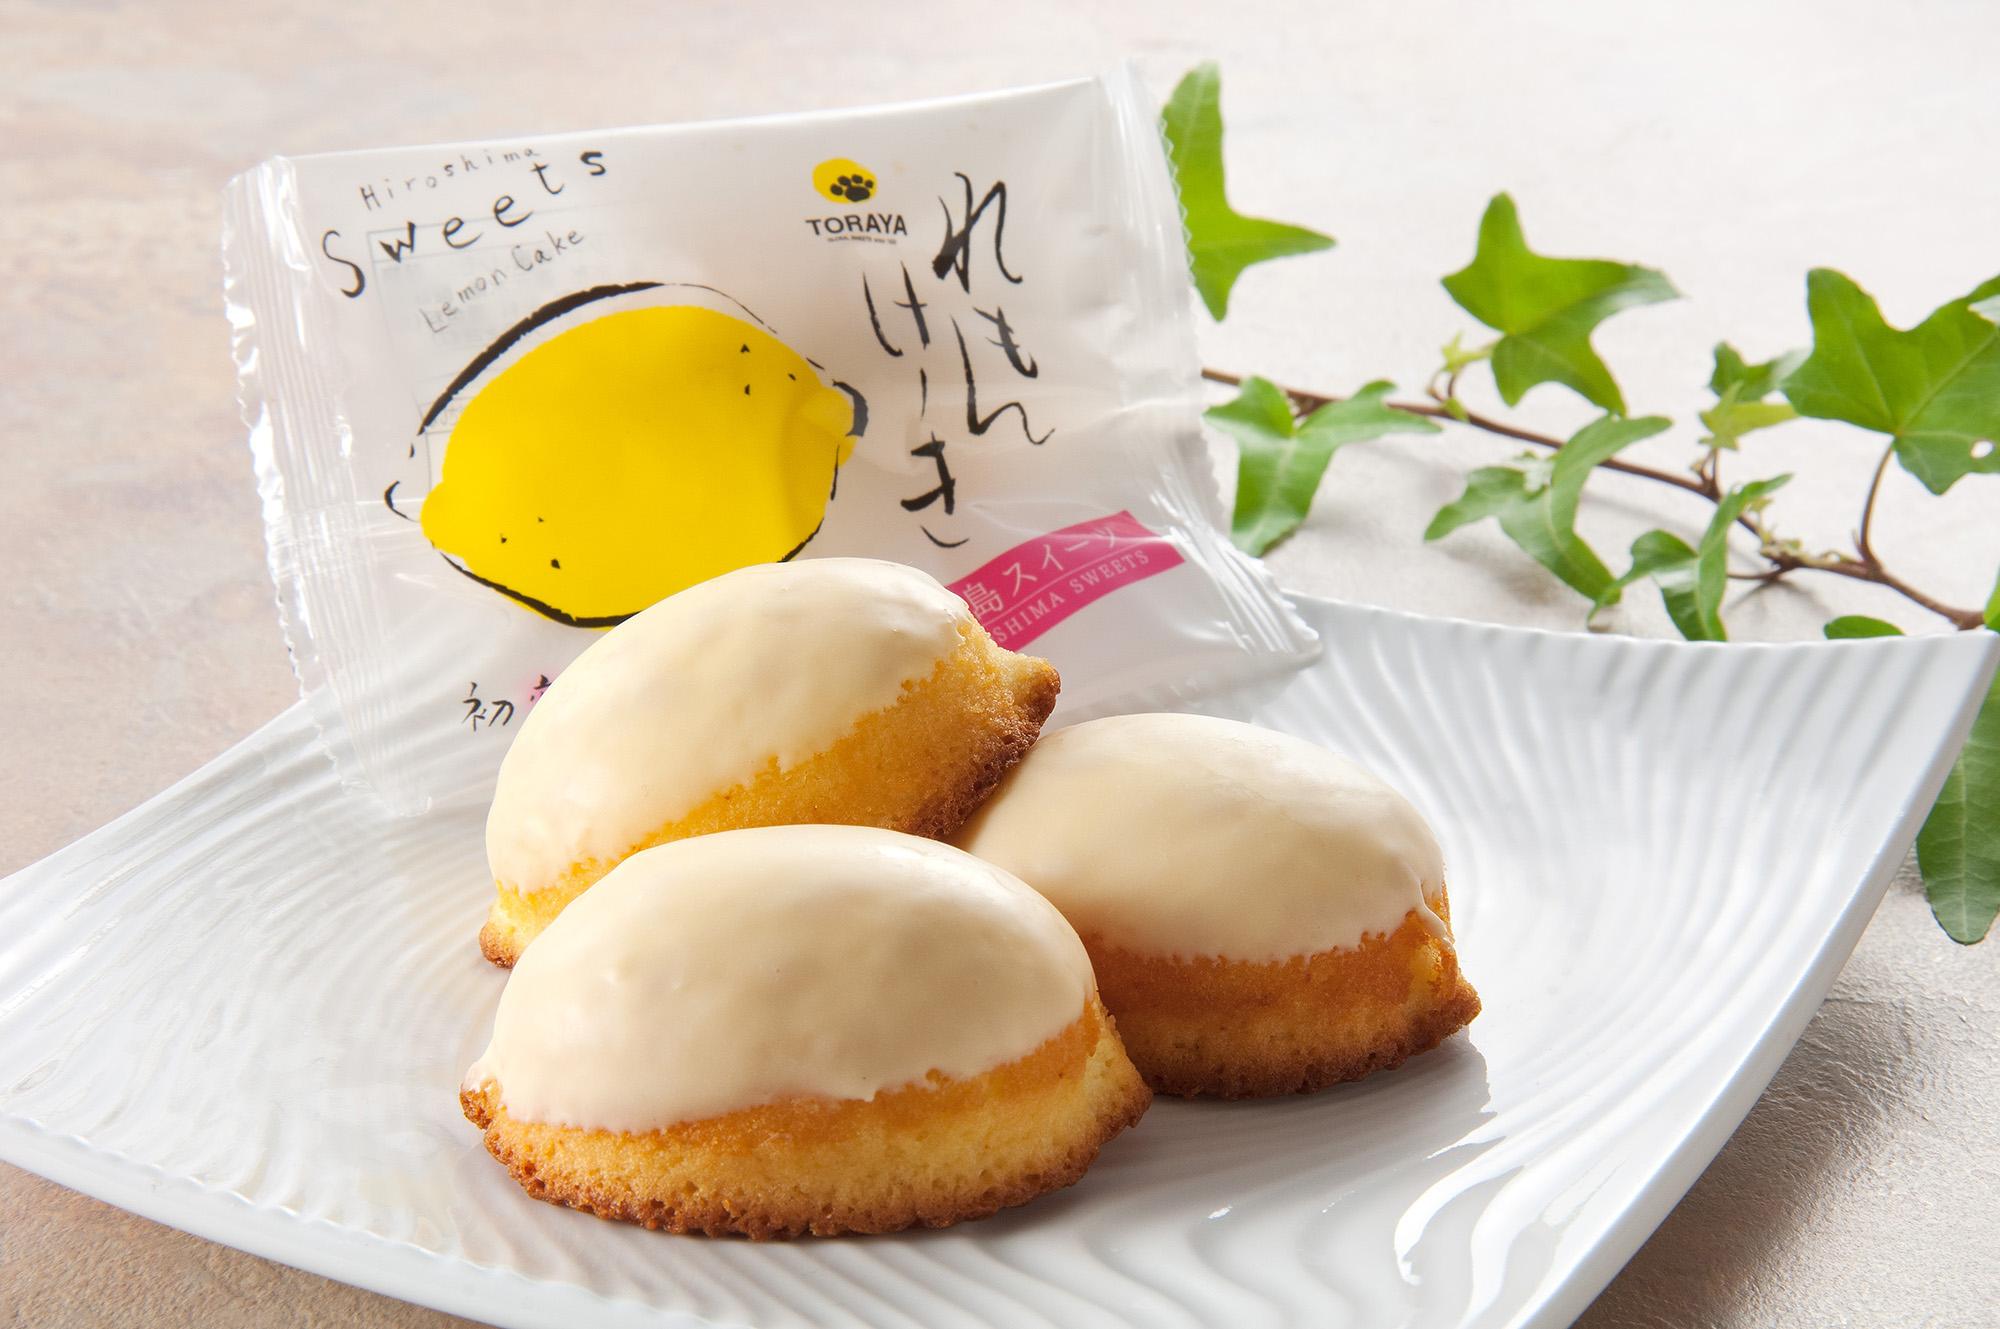 神田錦町にある「ちよだいちば」にて広島県産食品を販売します!